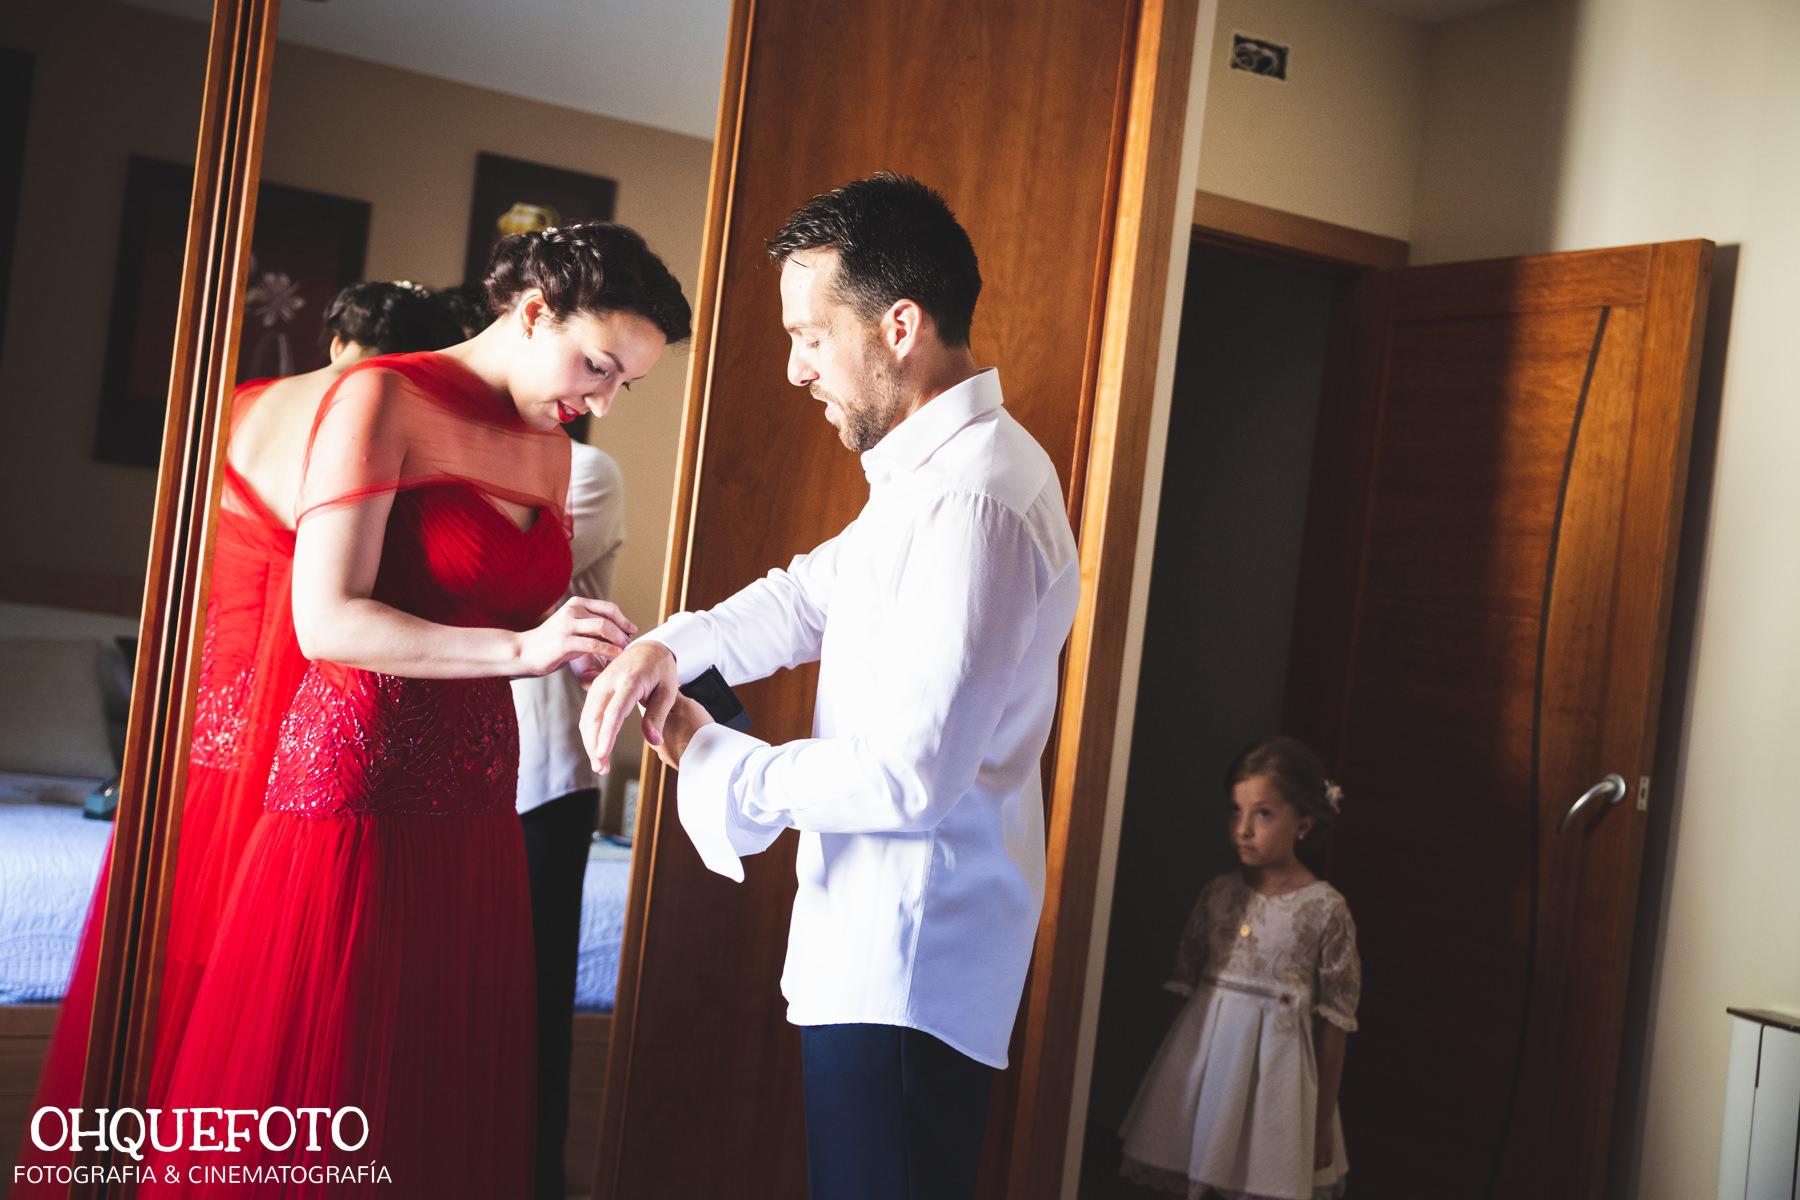 boda en la peraleda boda en cabeza del buey boda en capilla reportaje de bodas en almaden video de bodas en cordoba418 - Jose y Gema - Boda en Zarza Capilla y la Finca La Peraleda (Chillón)